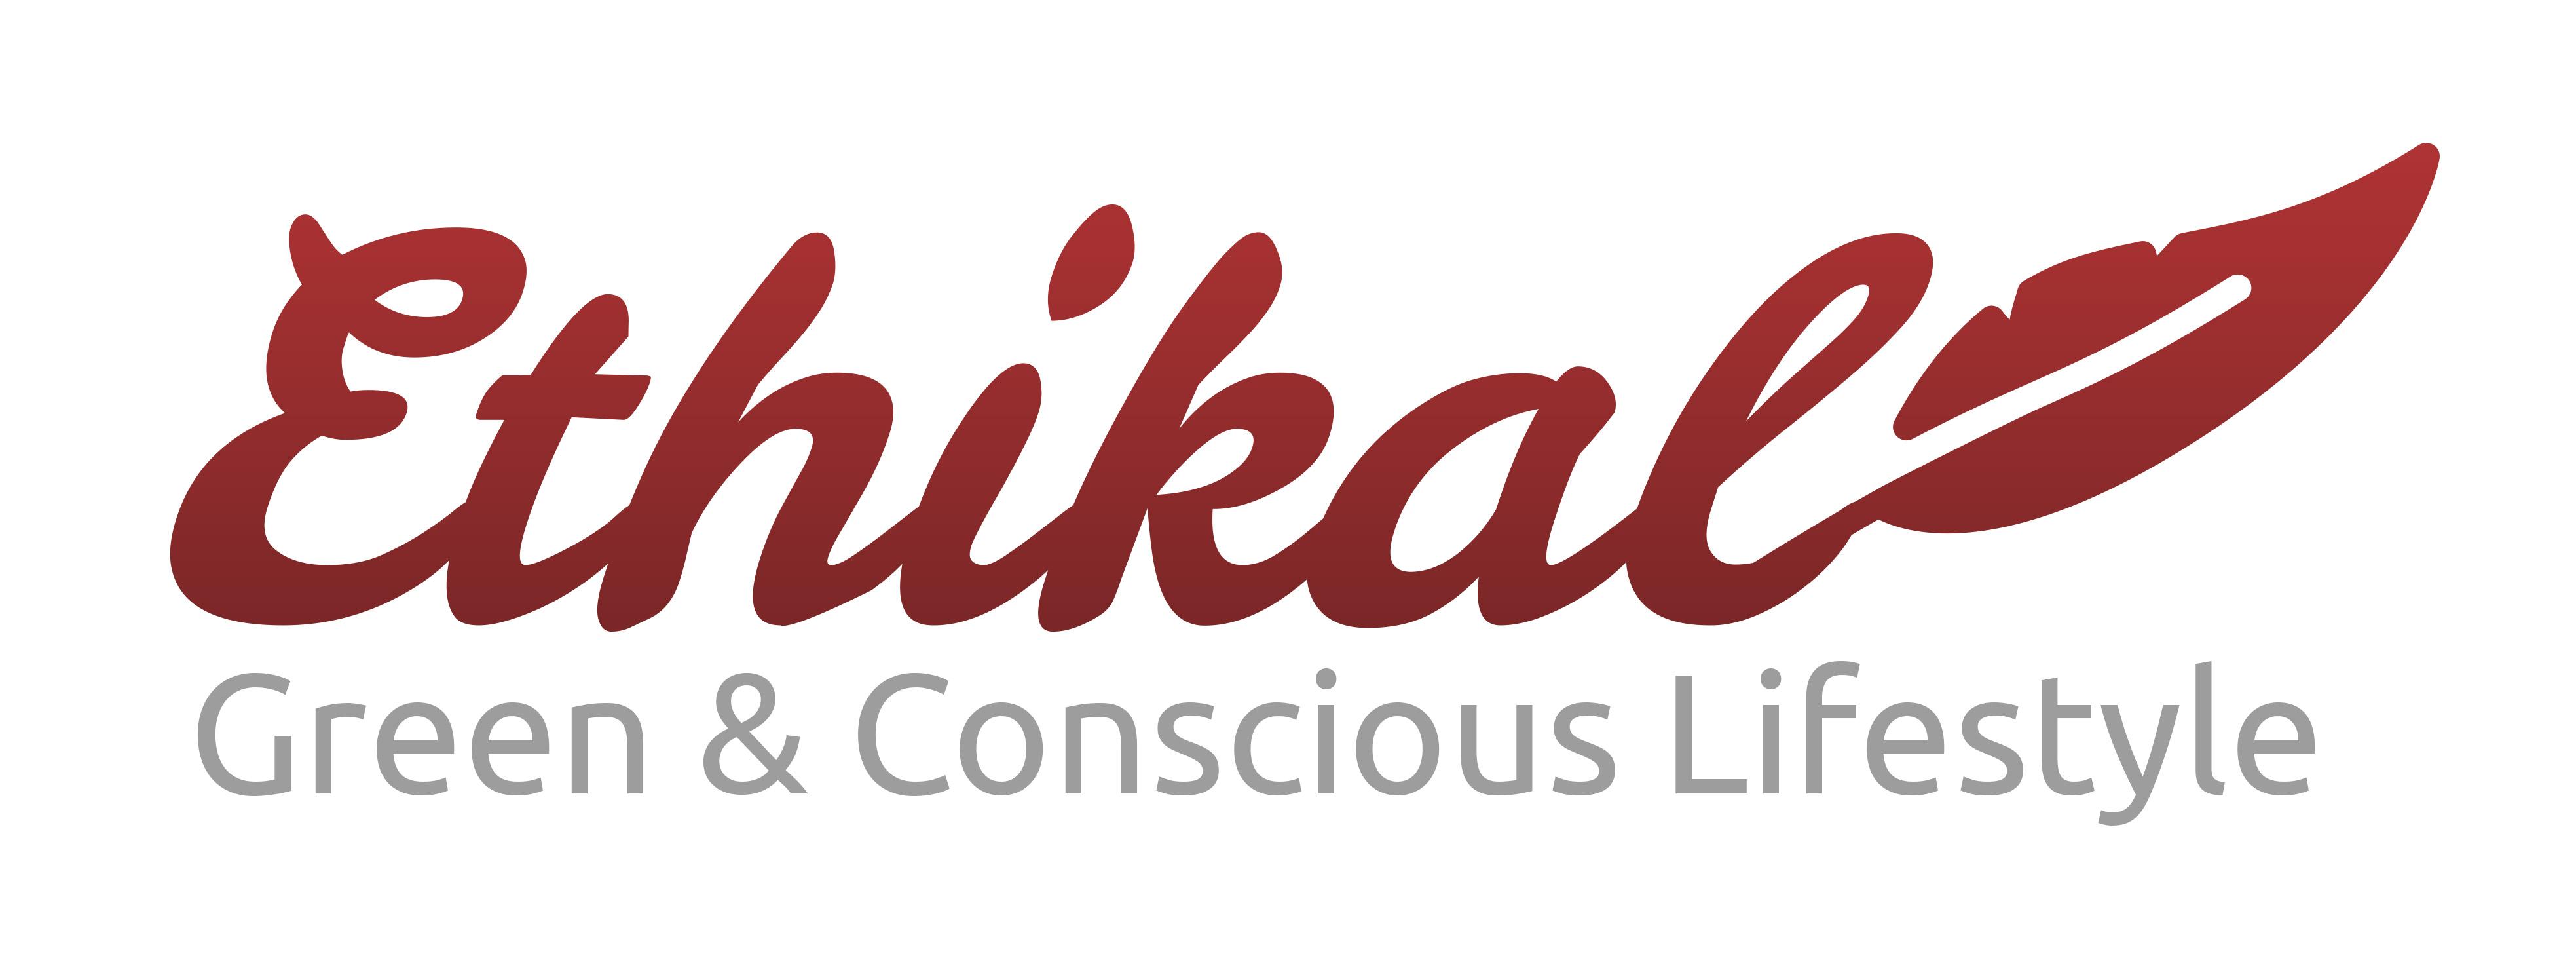 ethikal-logo